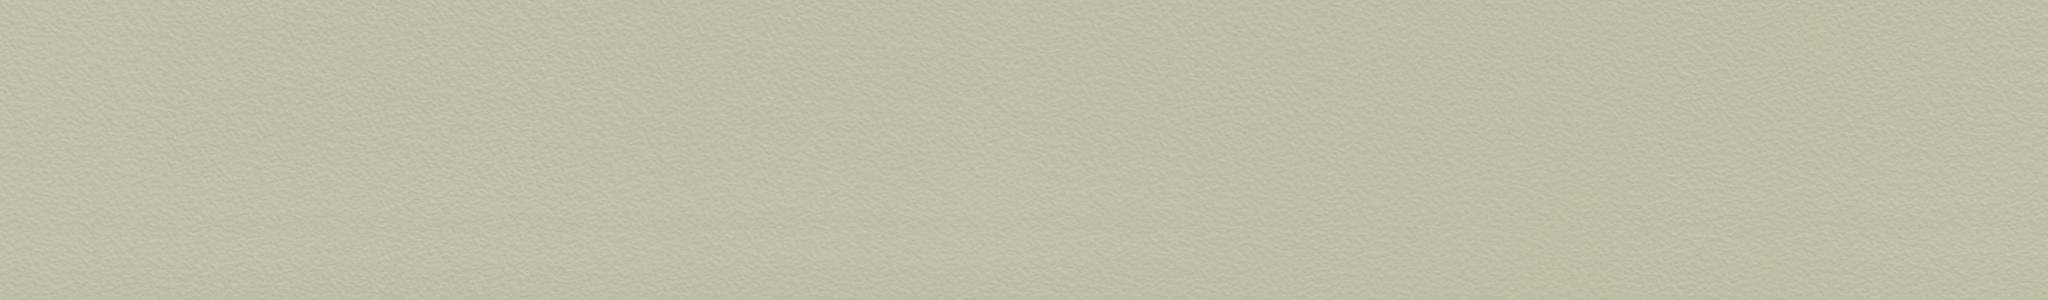 HU 169503 ABS Vert avocat perle XG